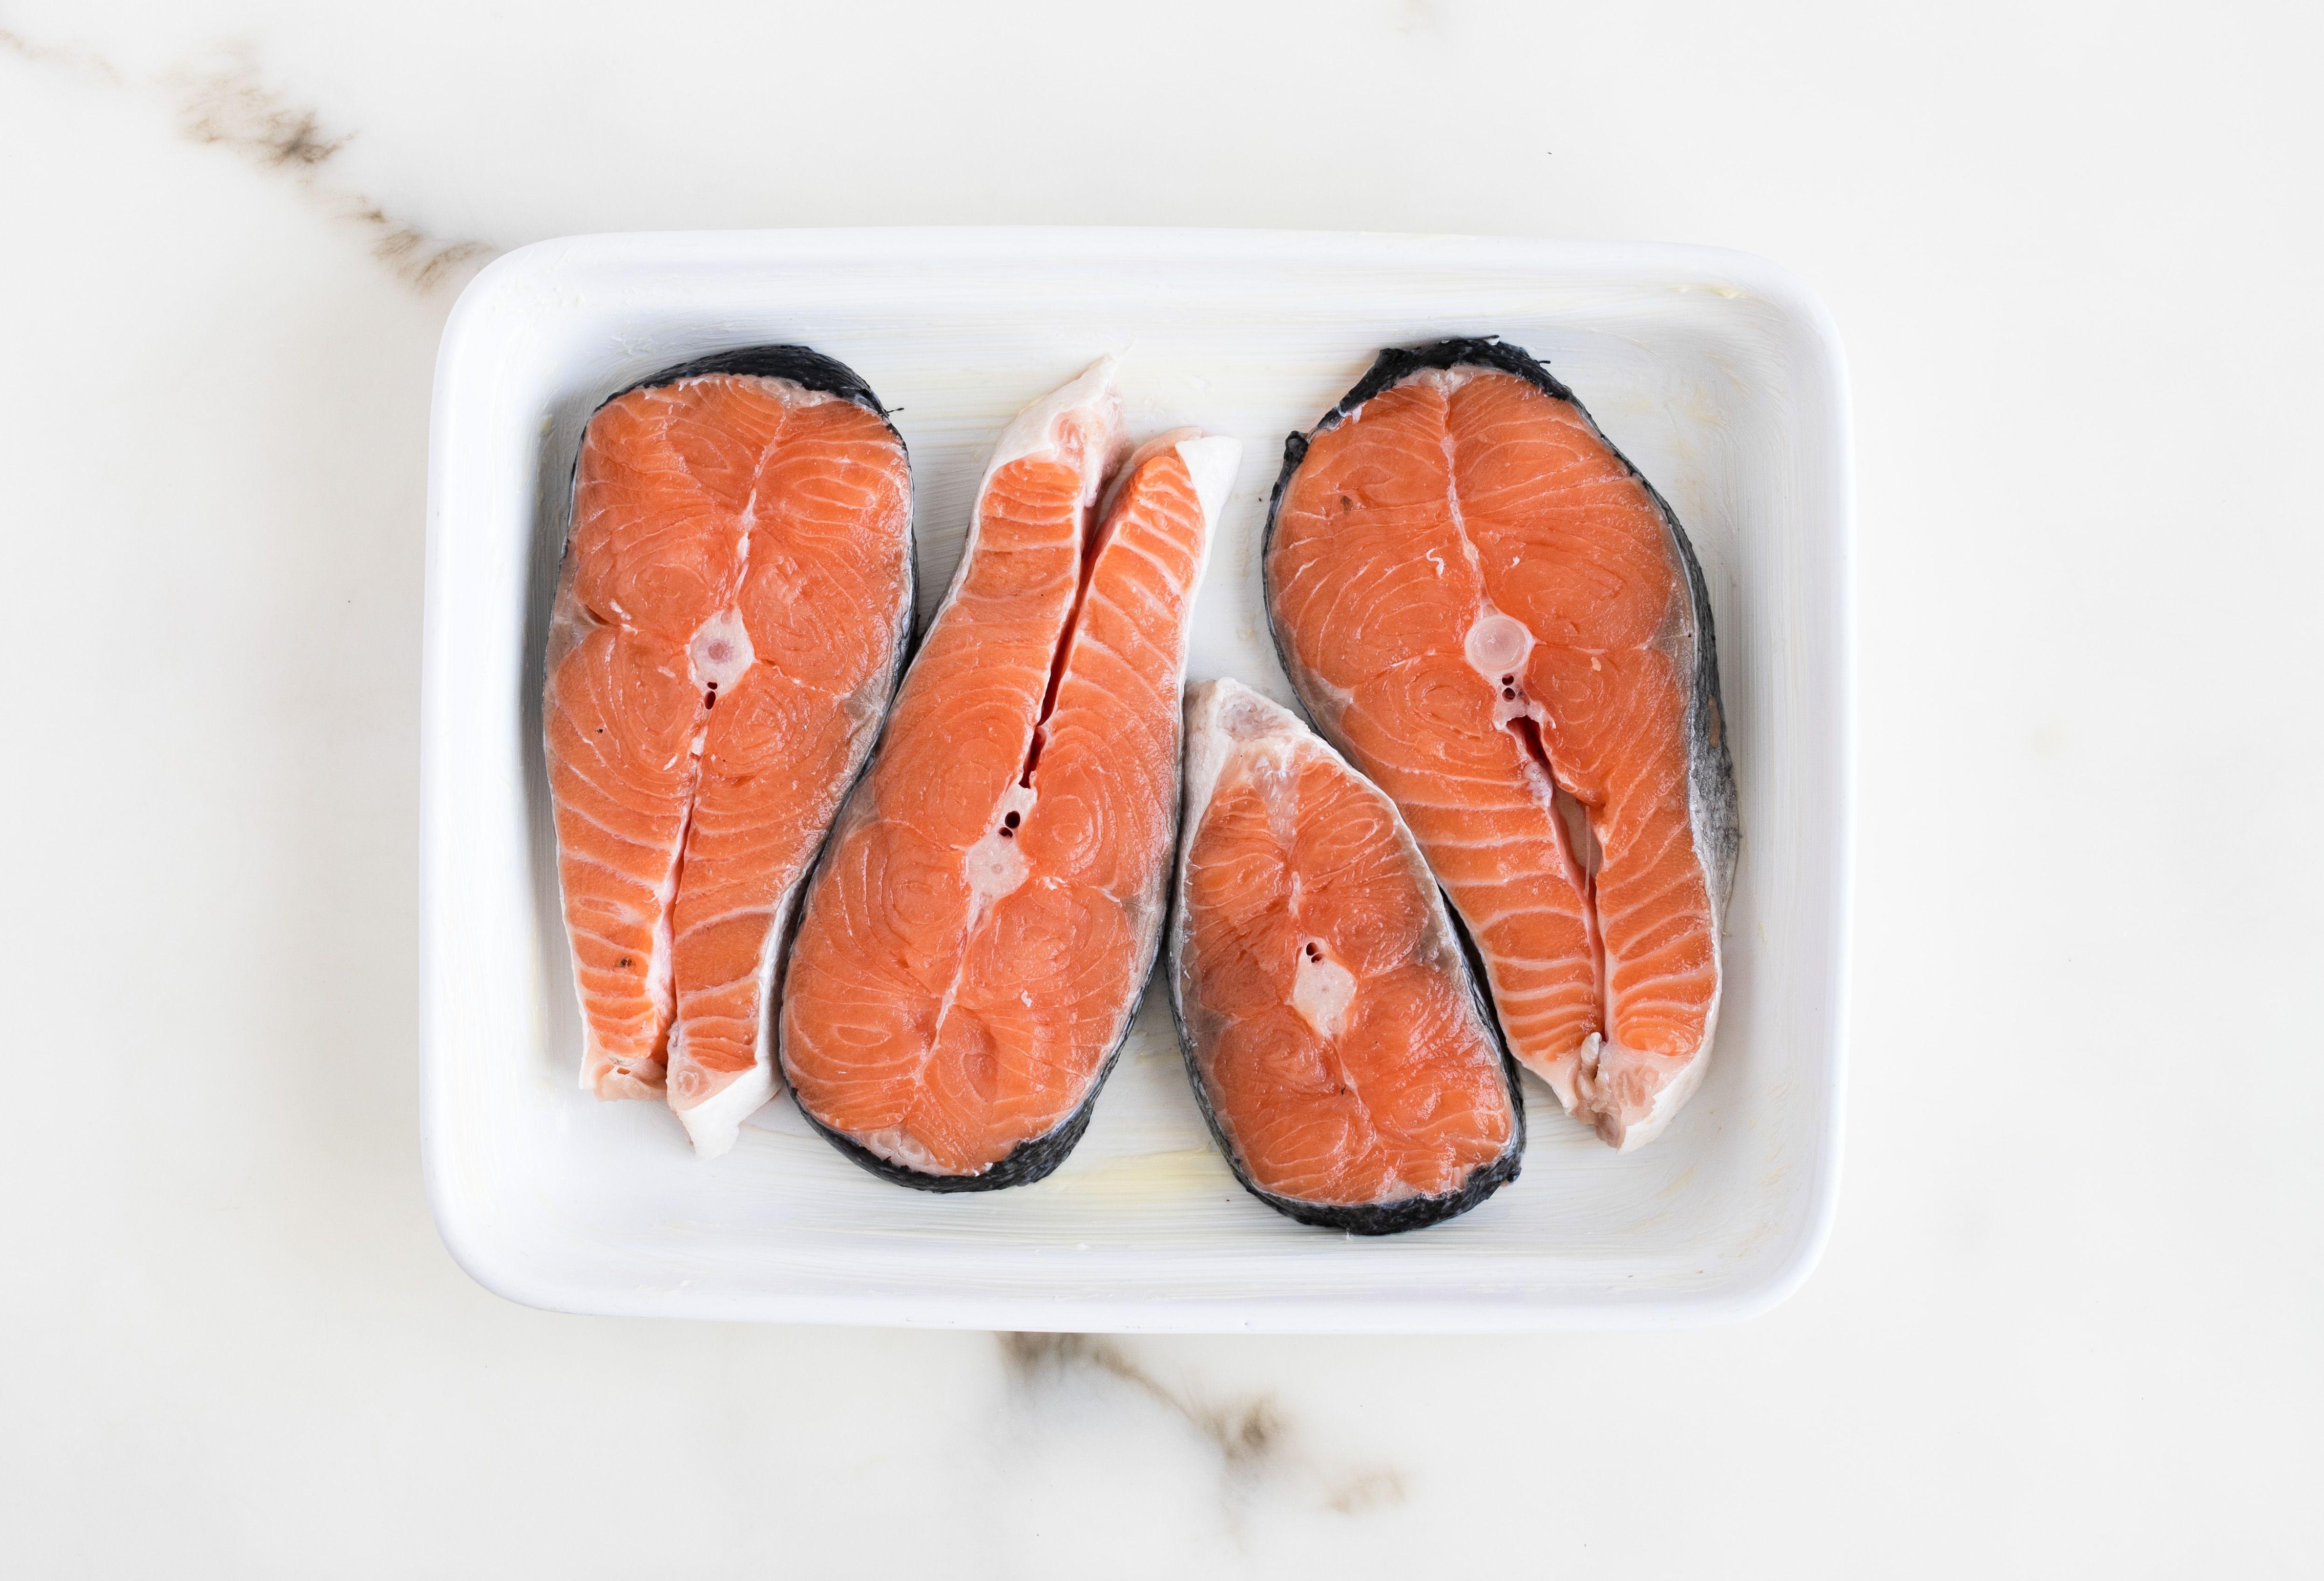 Arrange salmon in dish